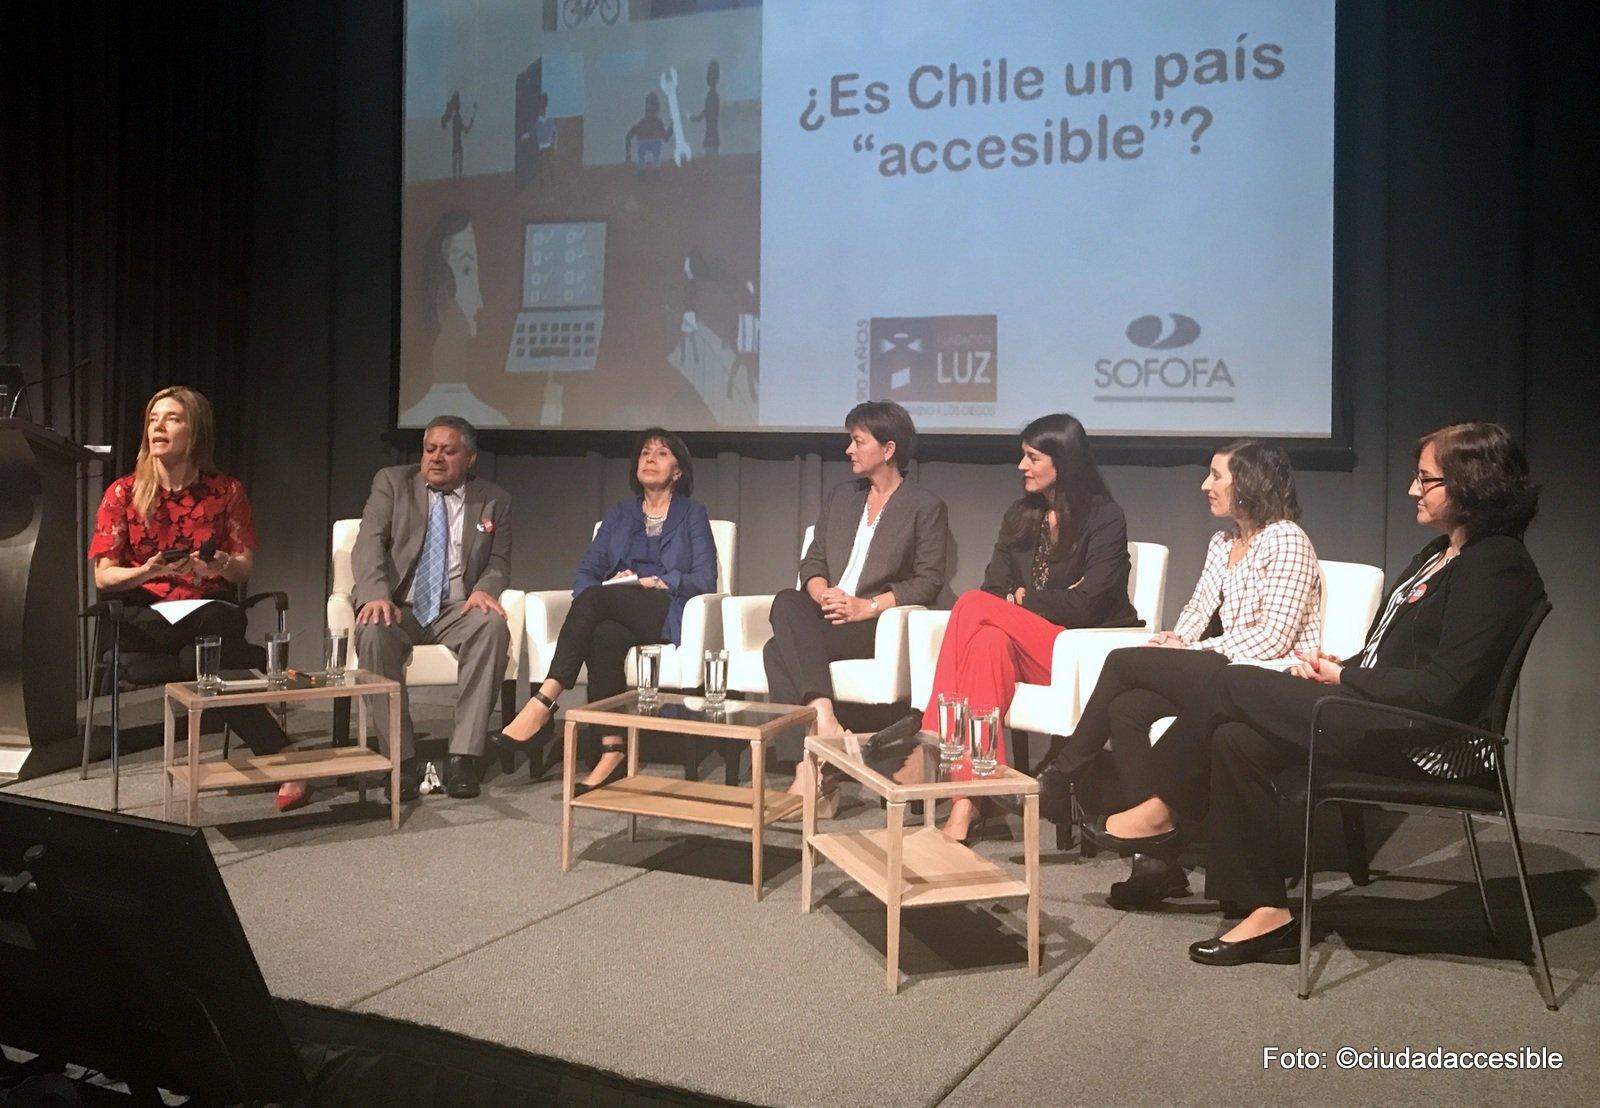 Expositores de Seminario Fundación Luz - Sofofa. Mónica Rincón, Miguel Ulloa, Cecilia Leiva, M. José Fuentealba, Pamela Prett, Paola Alvano